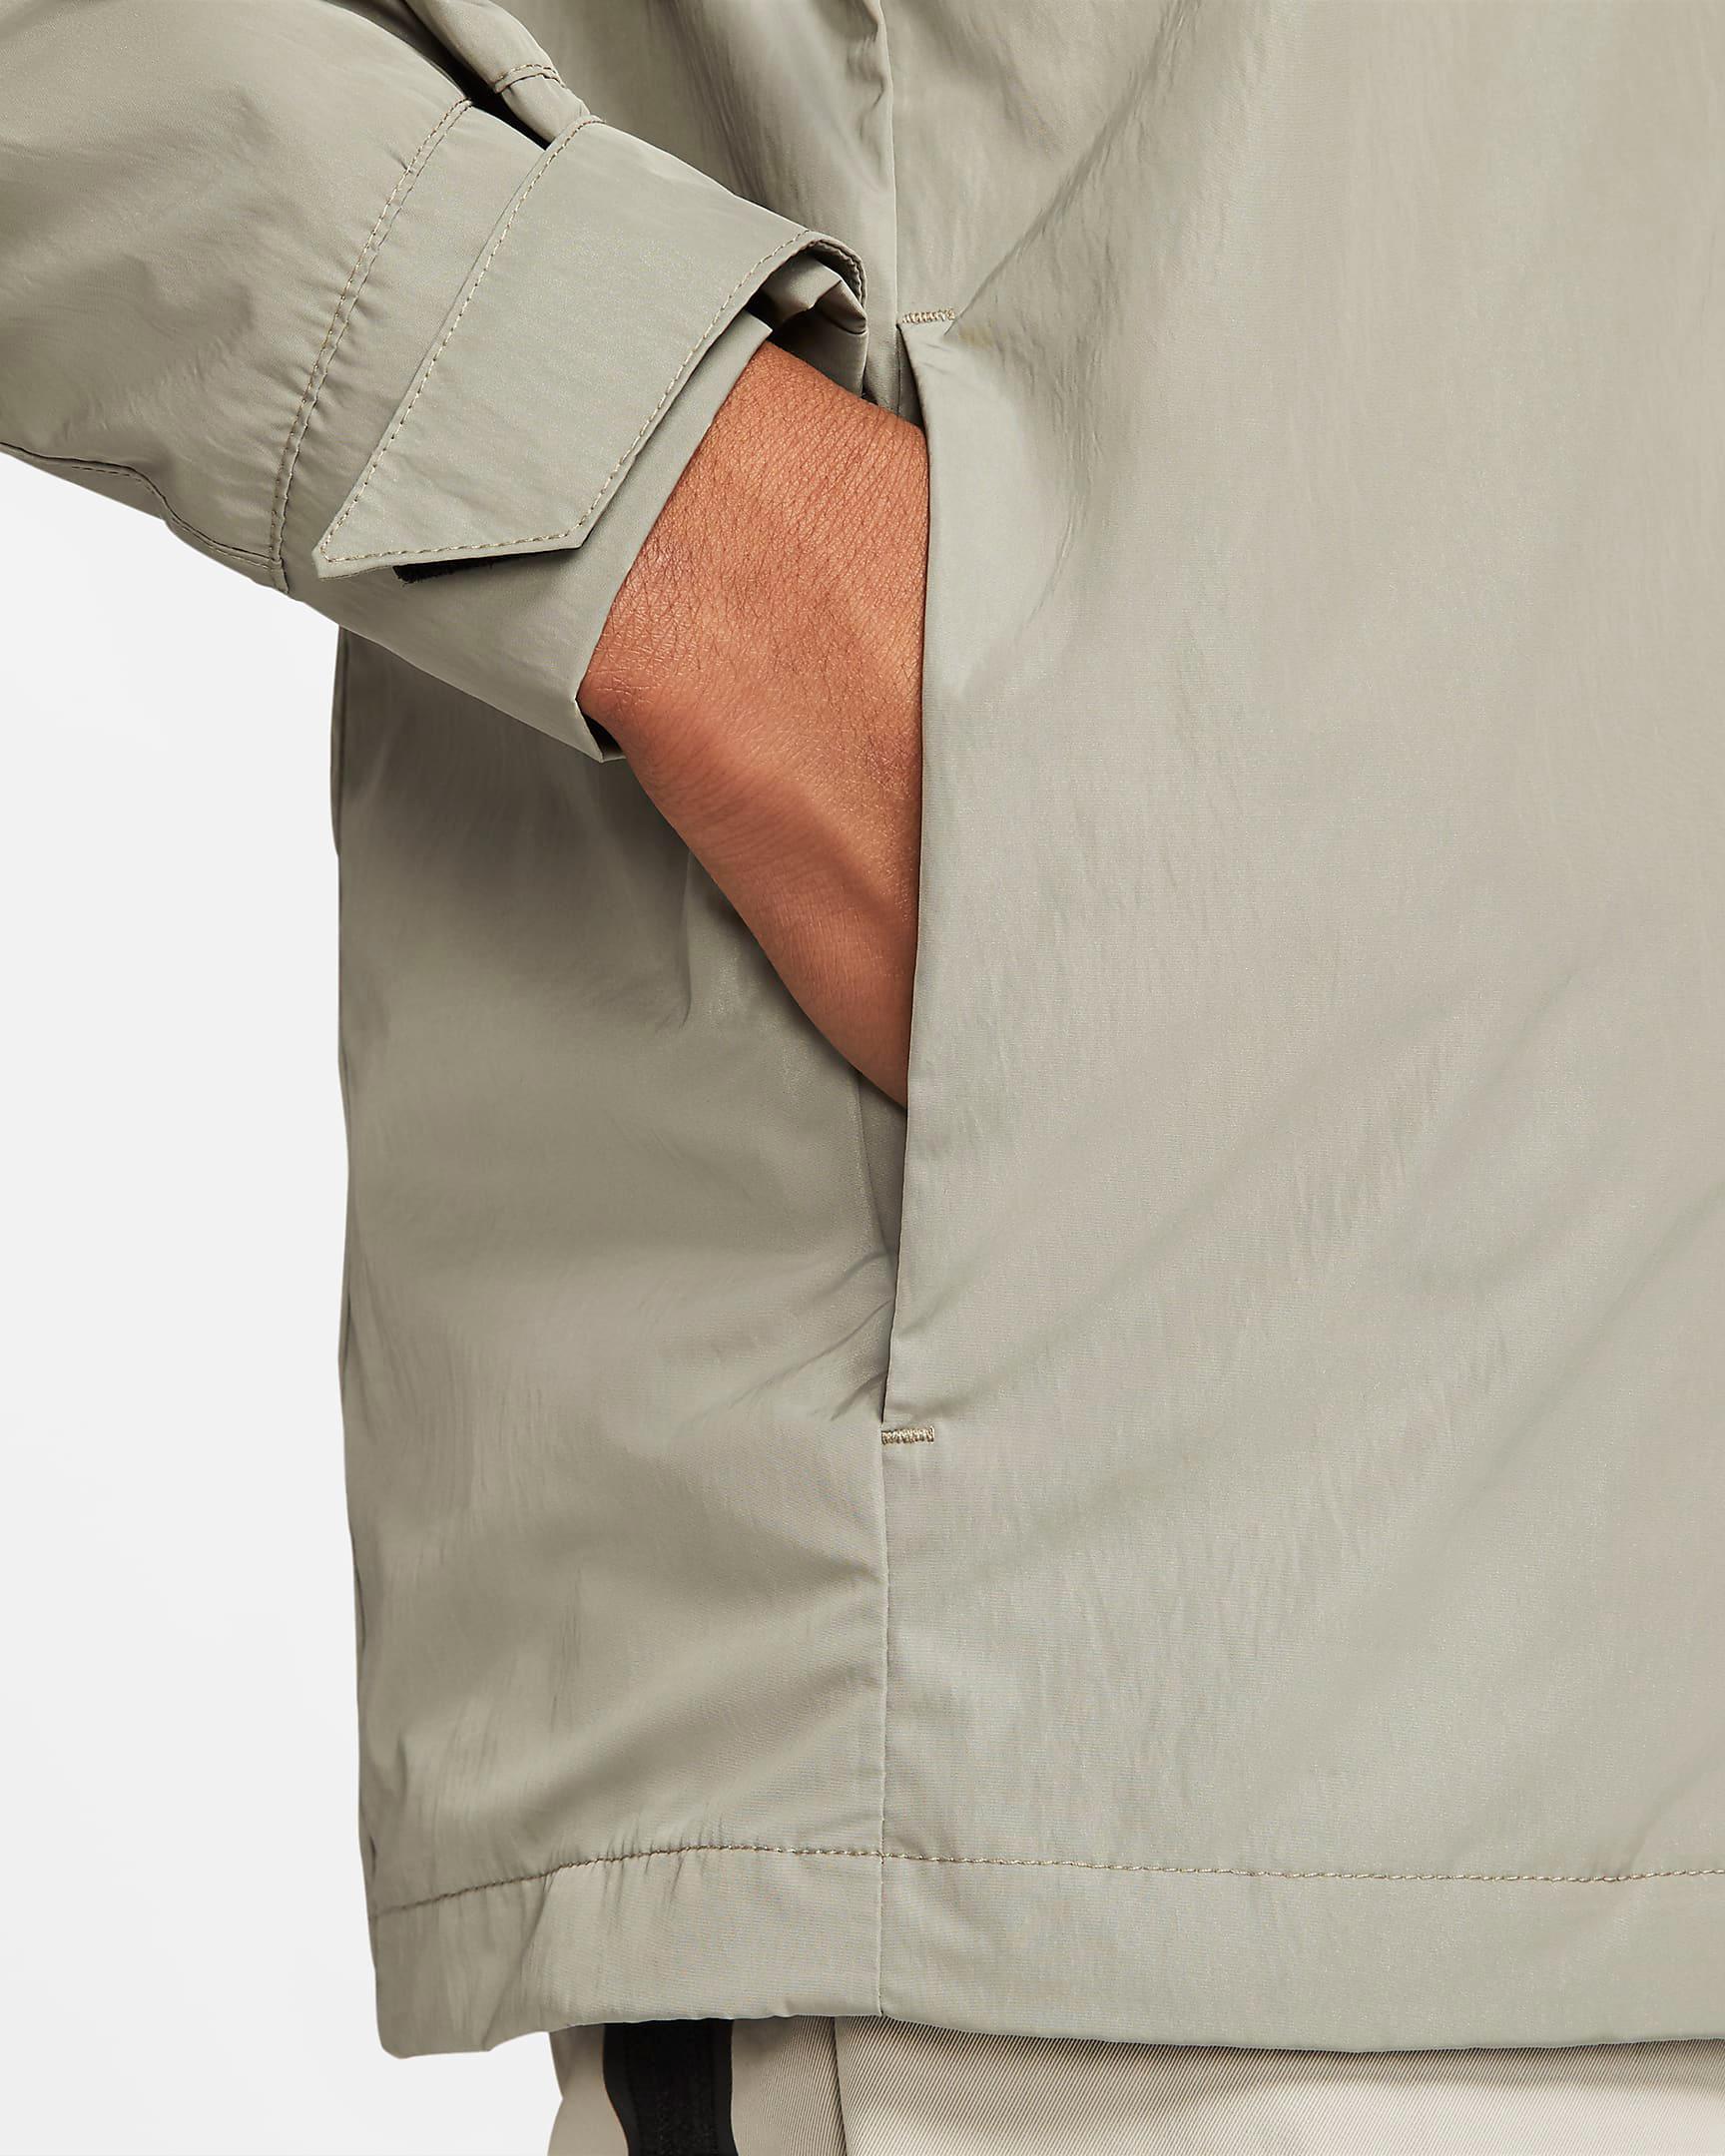 air-jordan-1-high-patina-light-army-jacket-8